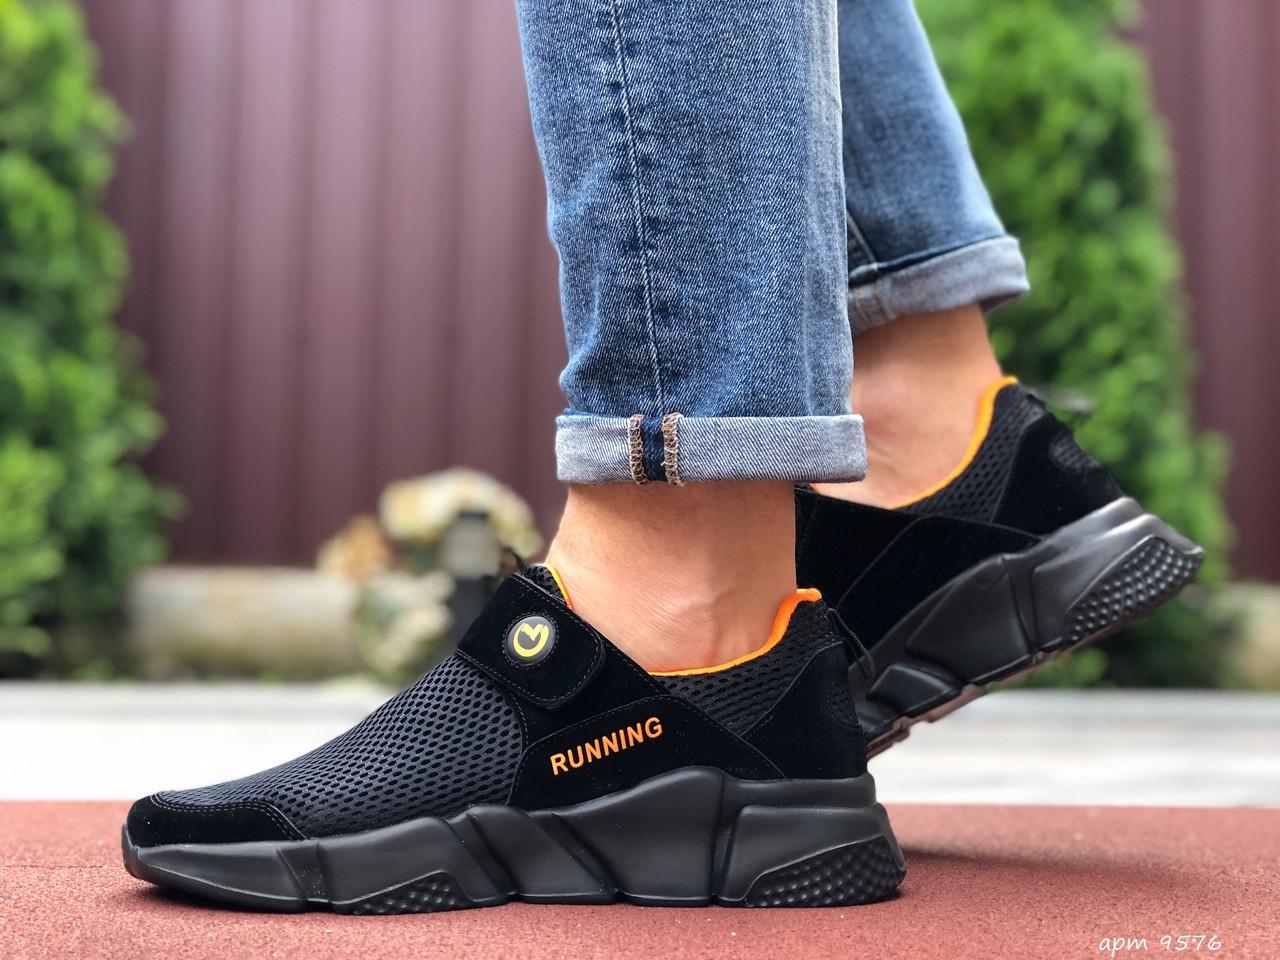 Чоловічі кросівки Running (чорно-помаранчеві) 9576